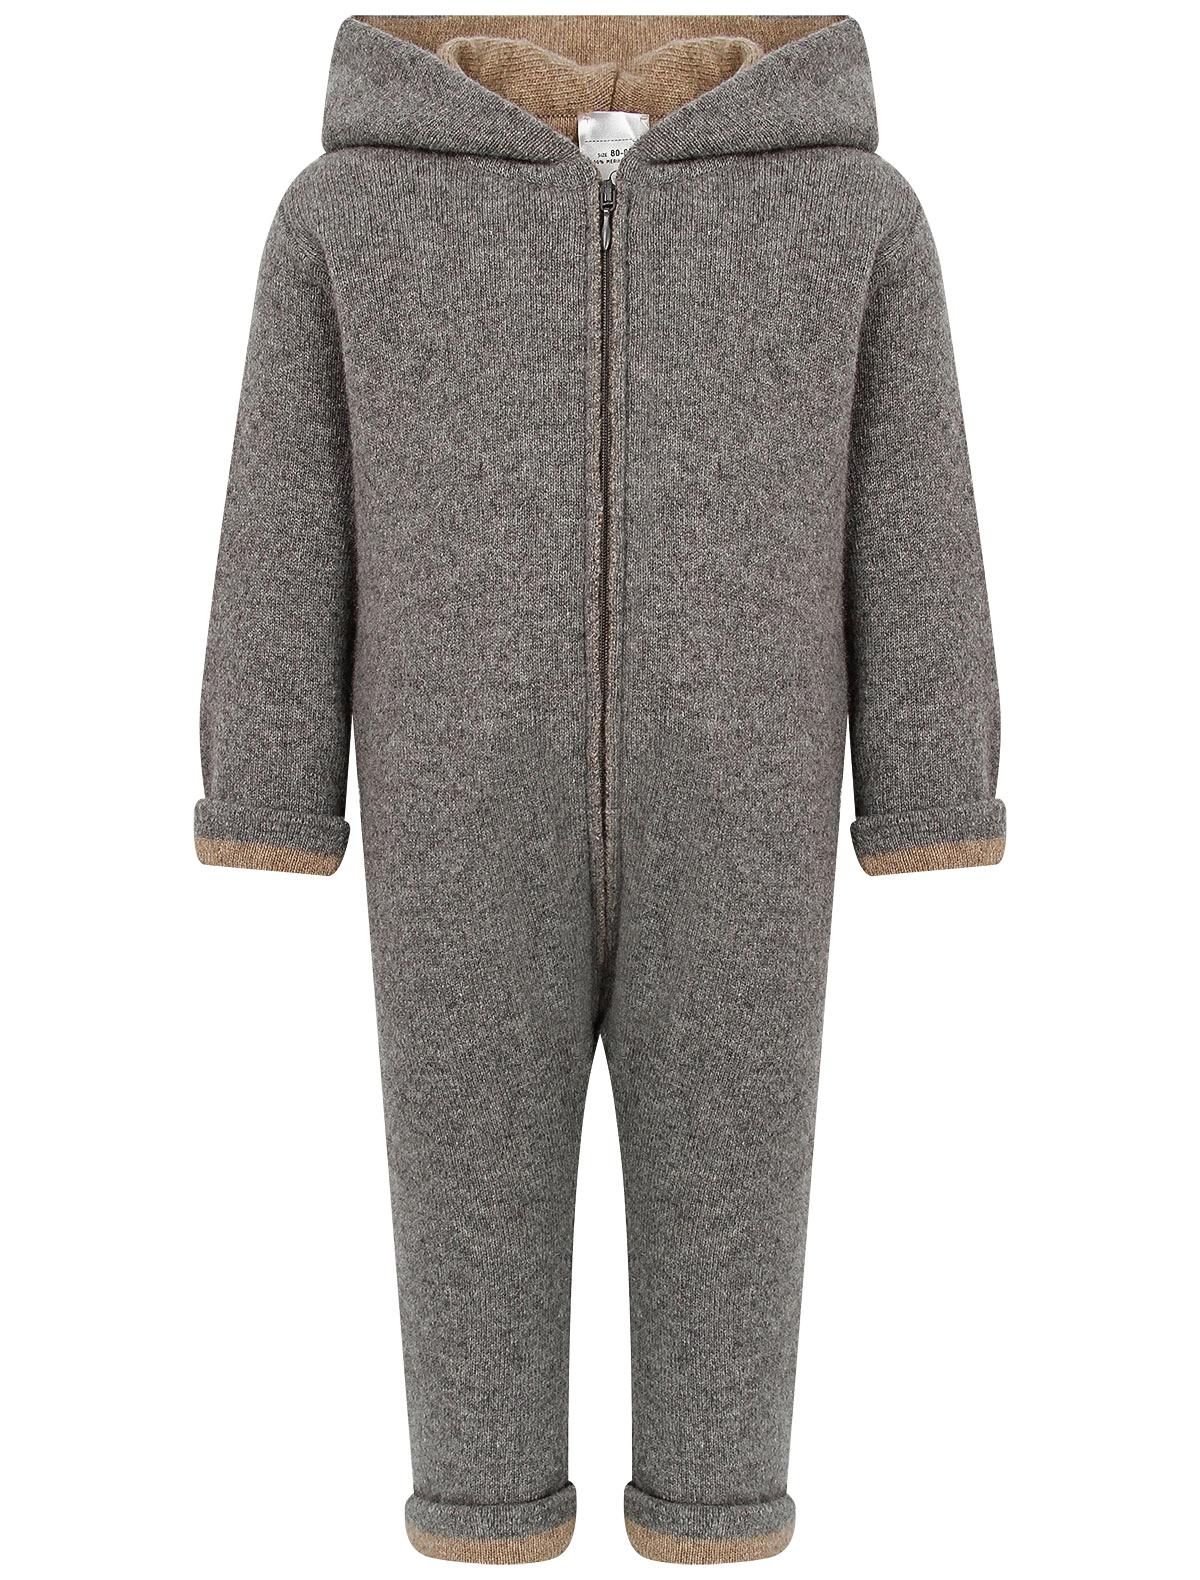 Купить 2256798, Комбинезон Air wool, серый, 1284529080609